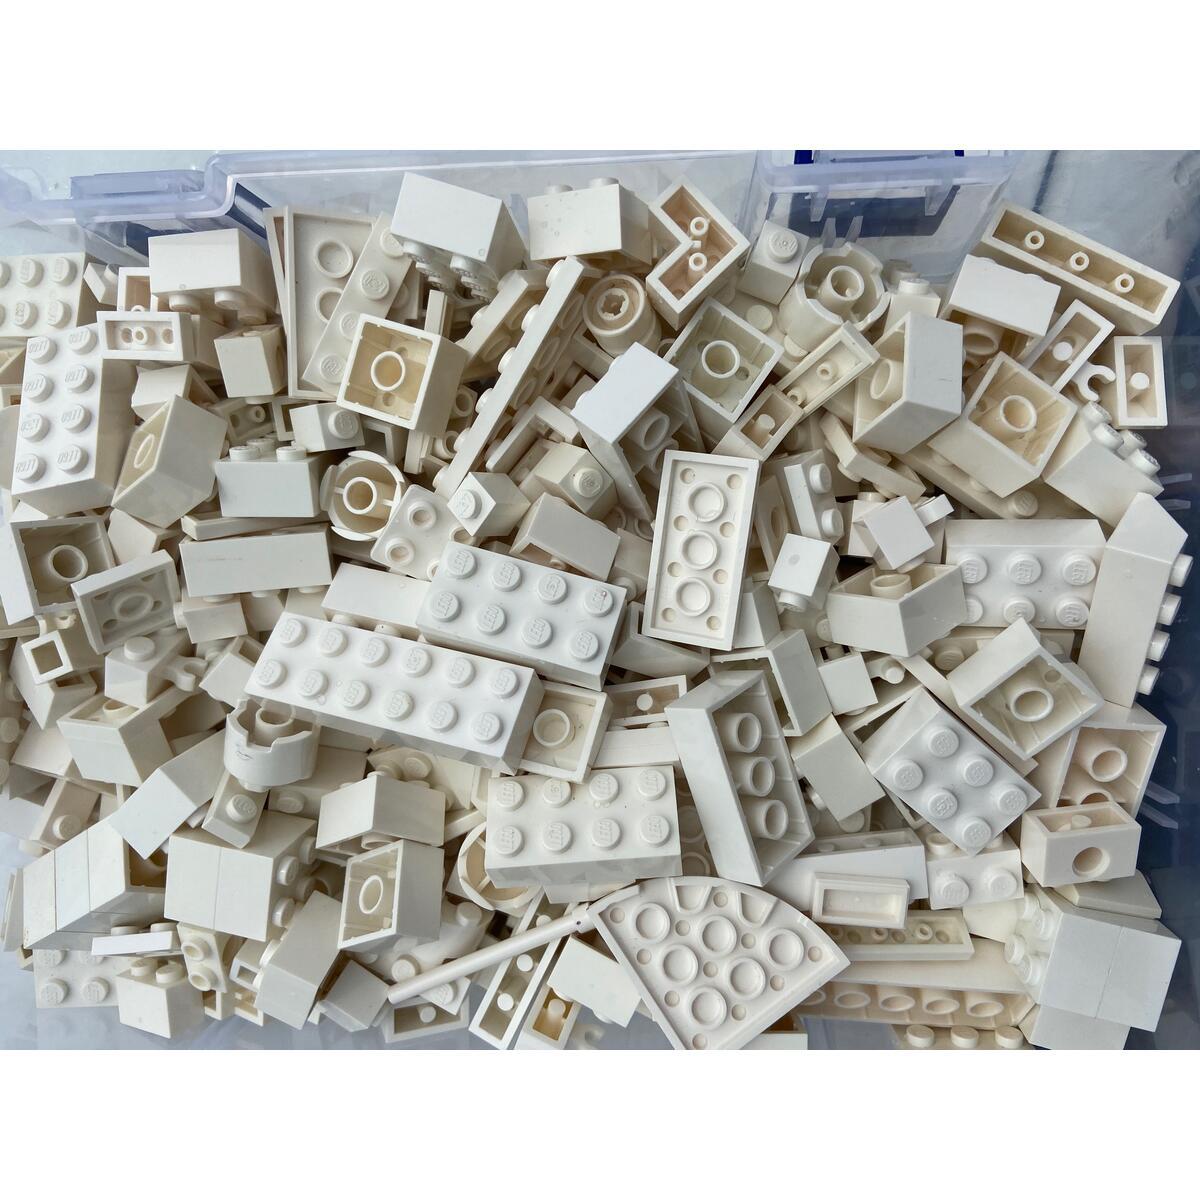 1/2 pound White LEGO Bricks, parts